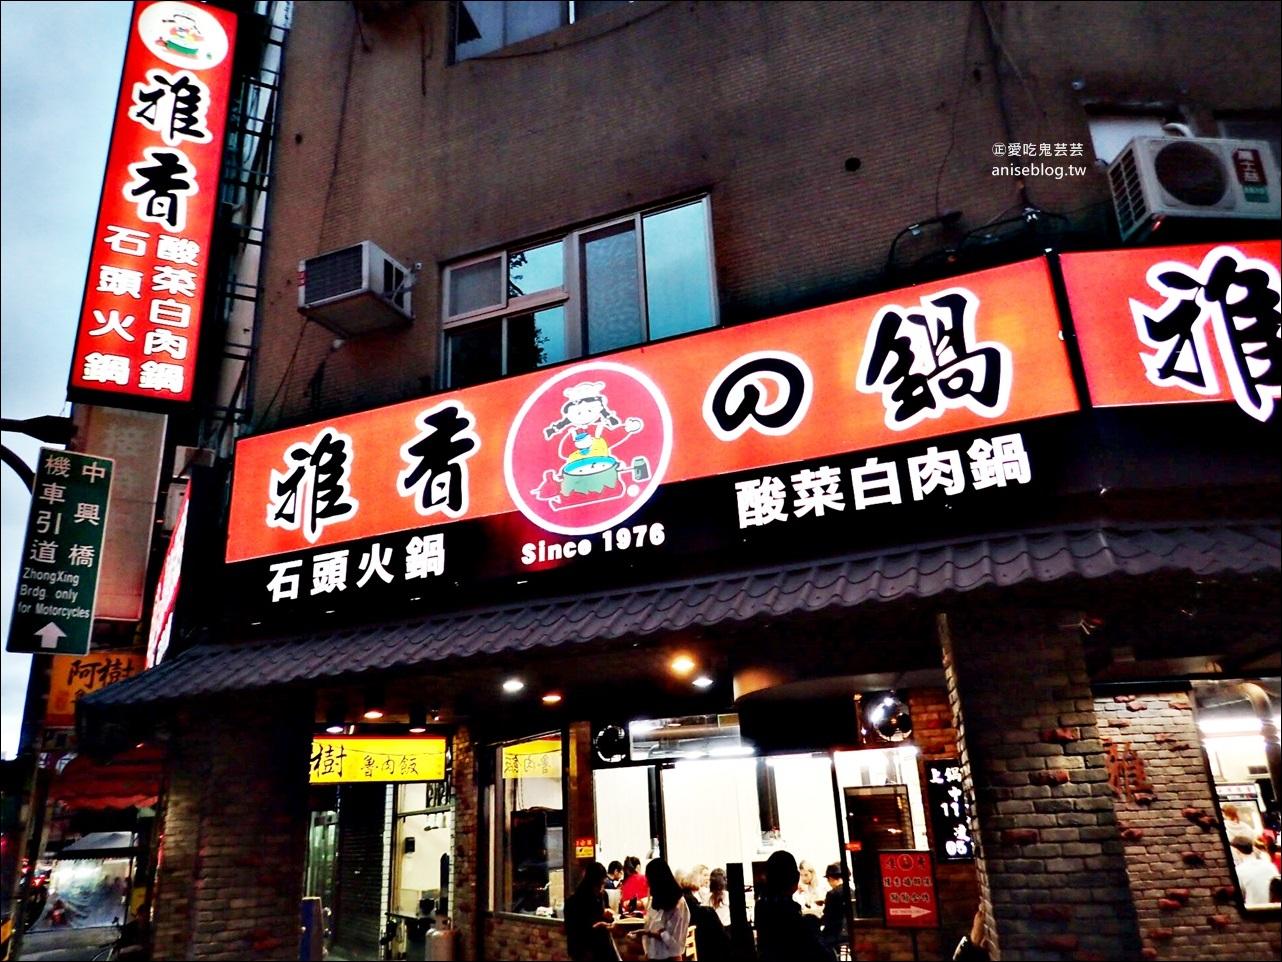 雅香石頭火鍋,西門町自助火鍋排隊老店,捷運西門站宵夜美食